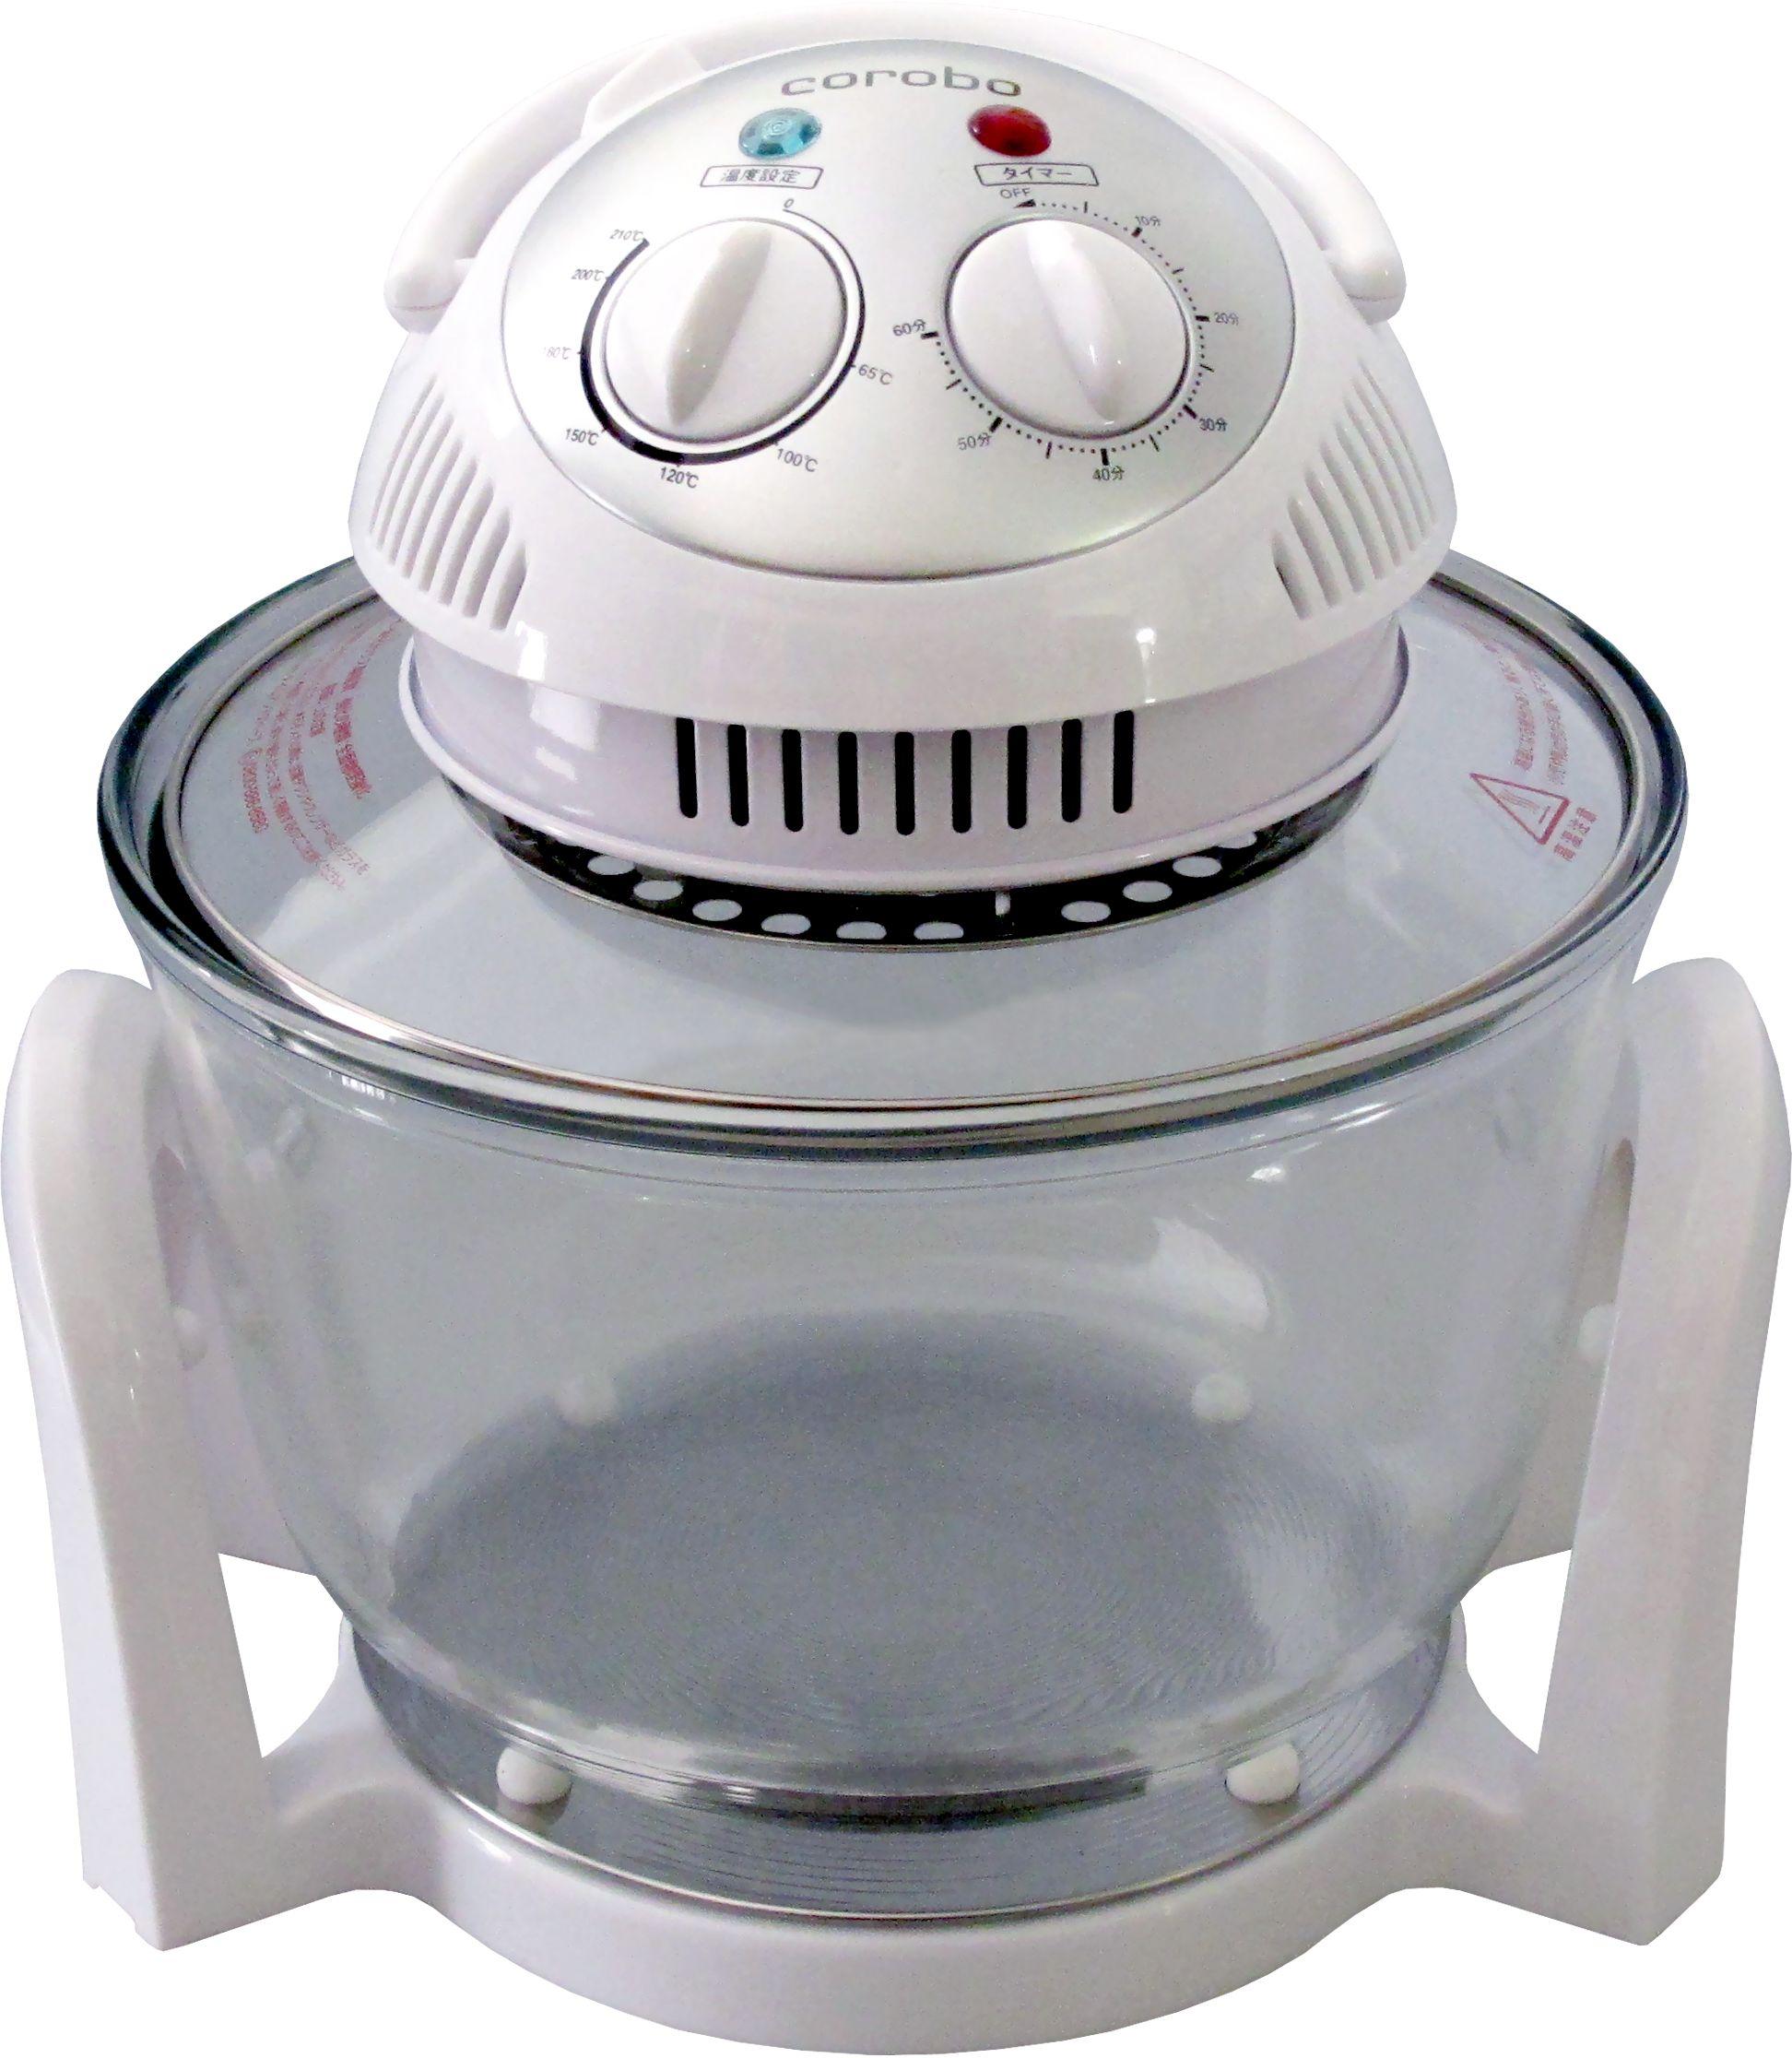 """油で揚げない""""エアーフライ調理""""が出来るオーブン カーボンコンベクションオーブン「corobo」CKY-19Q/CKY-19QO を3 月1 日に発売"""